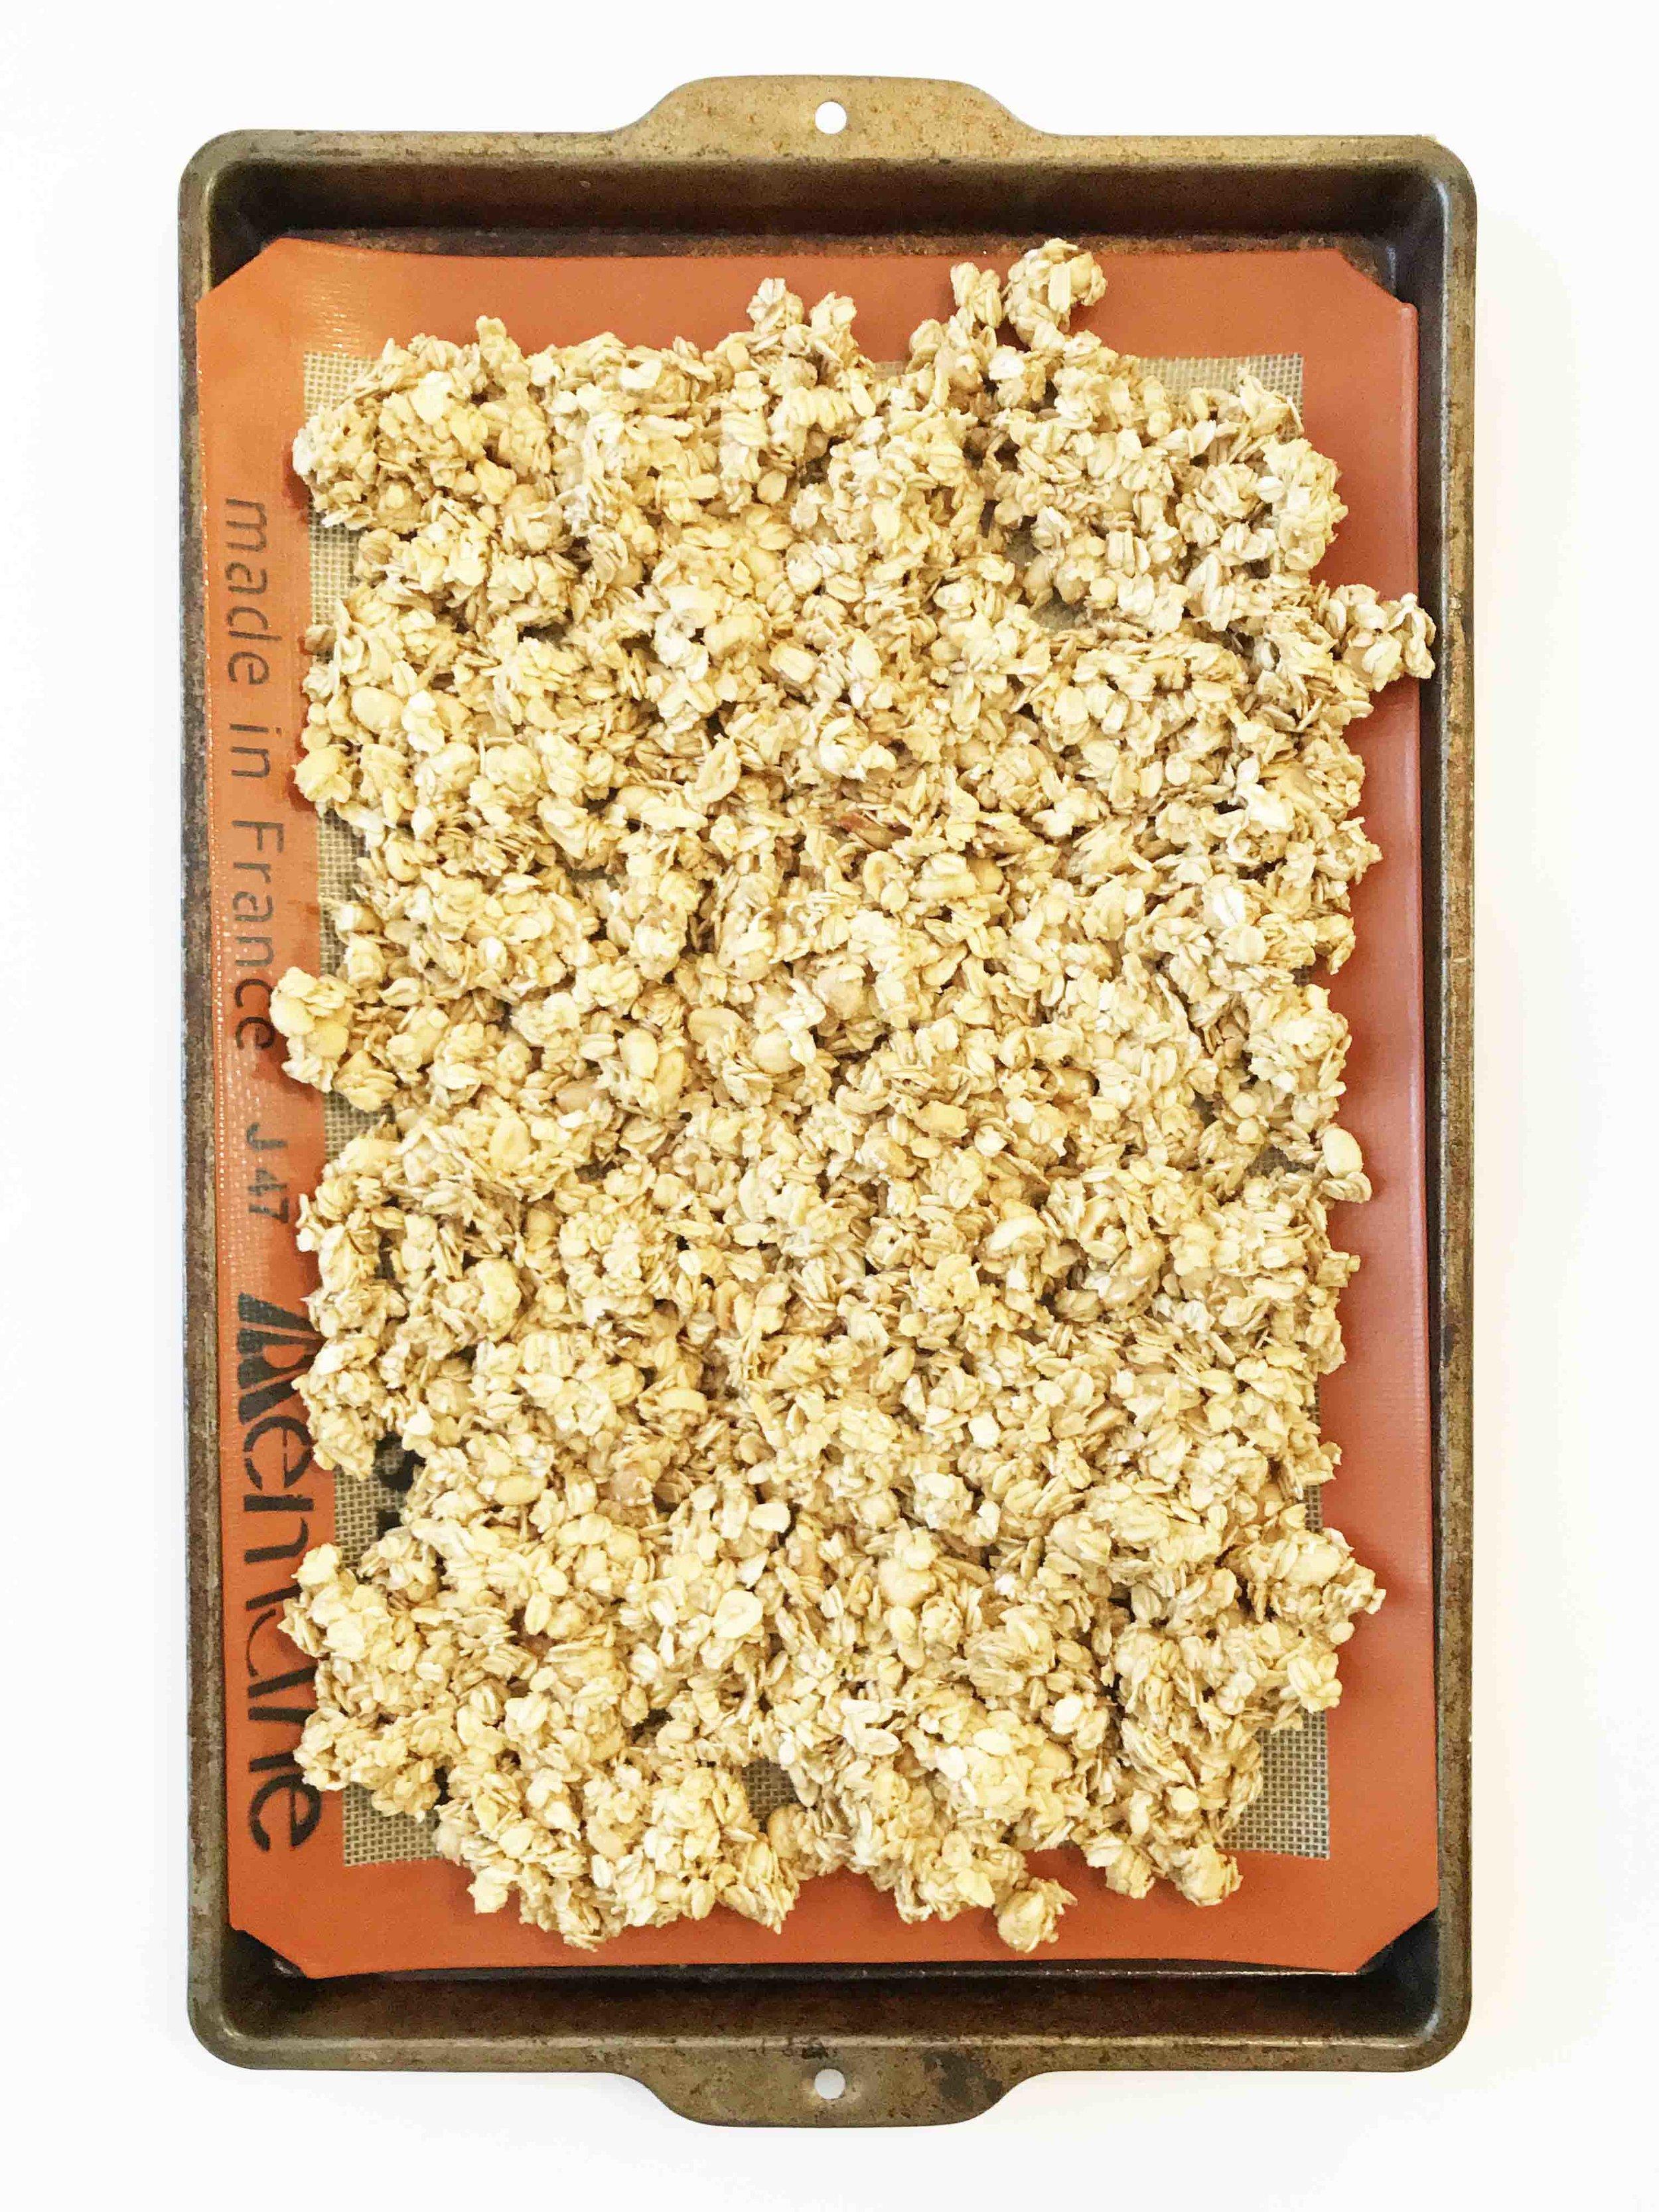 peanut-butter-granola3.jpg